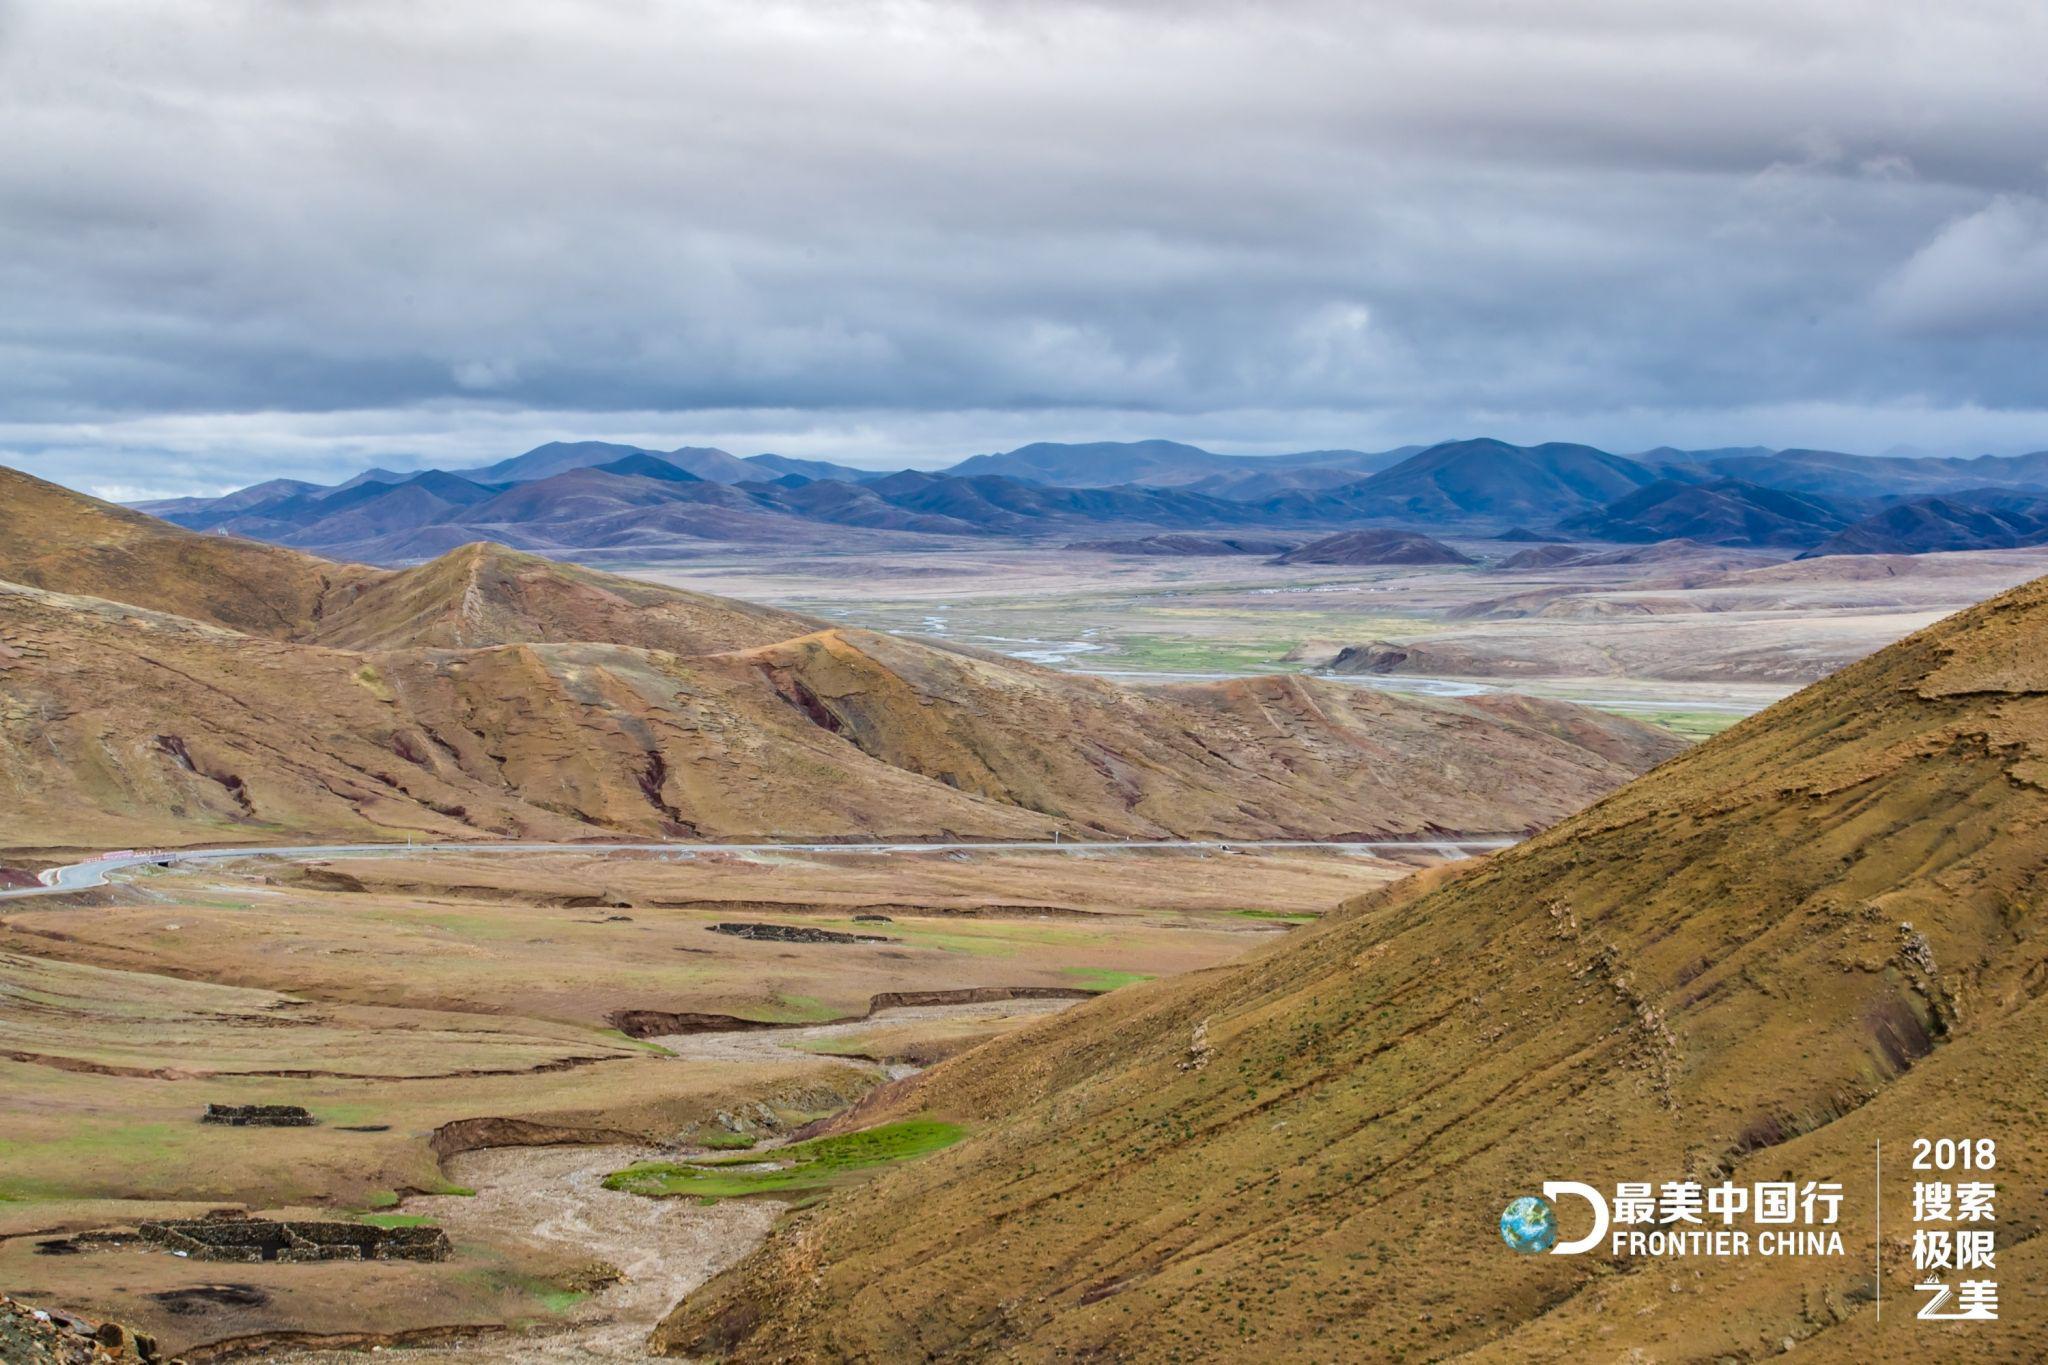 雪佛兰2018最美中国行极高之地 - 西藏DAY6